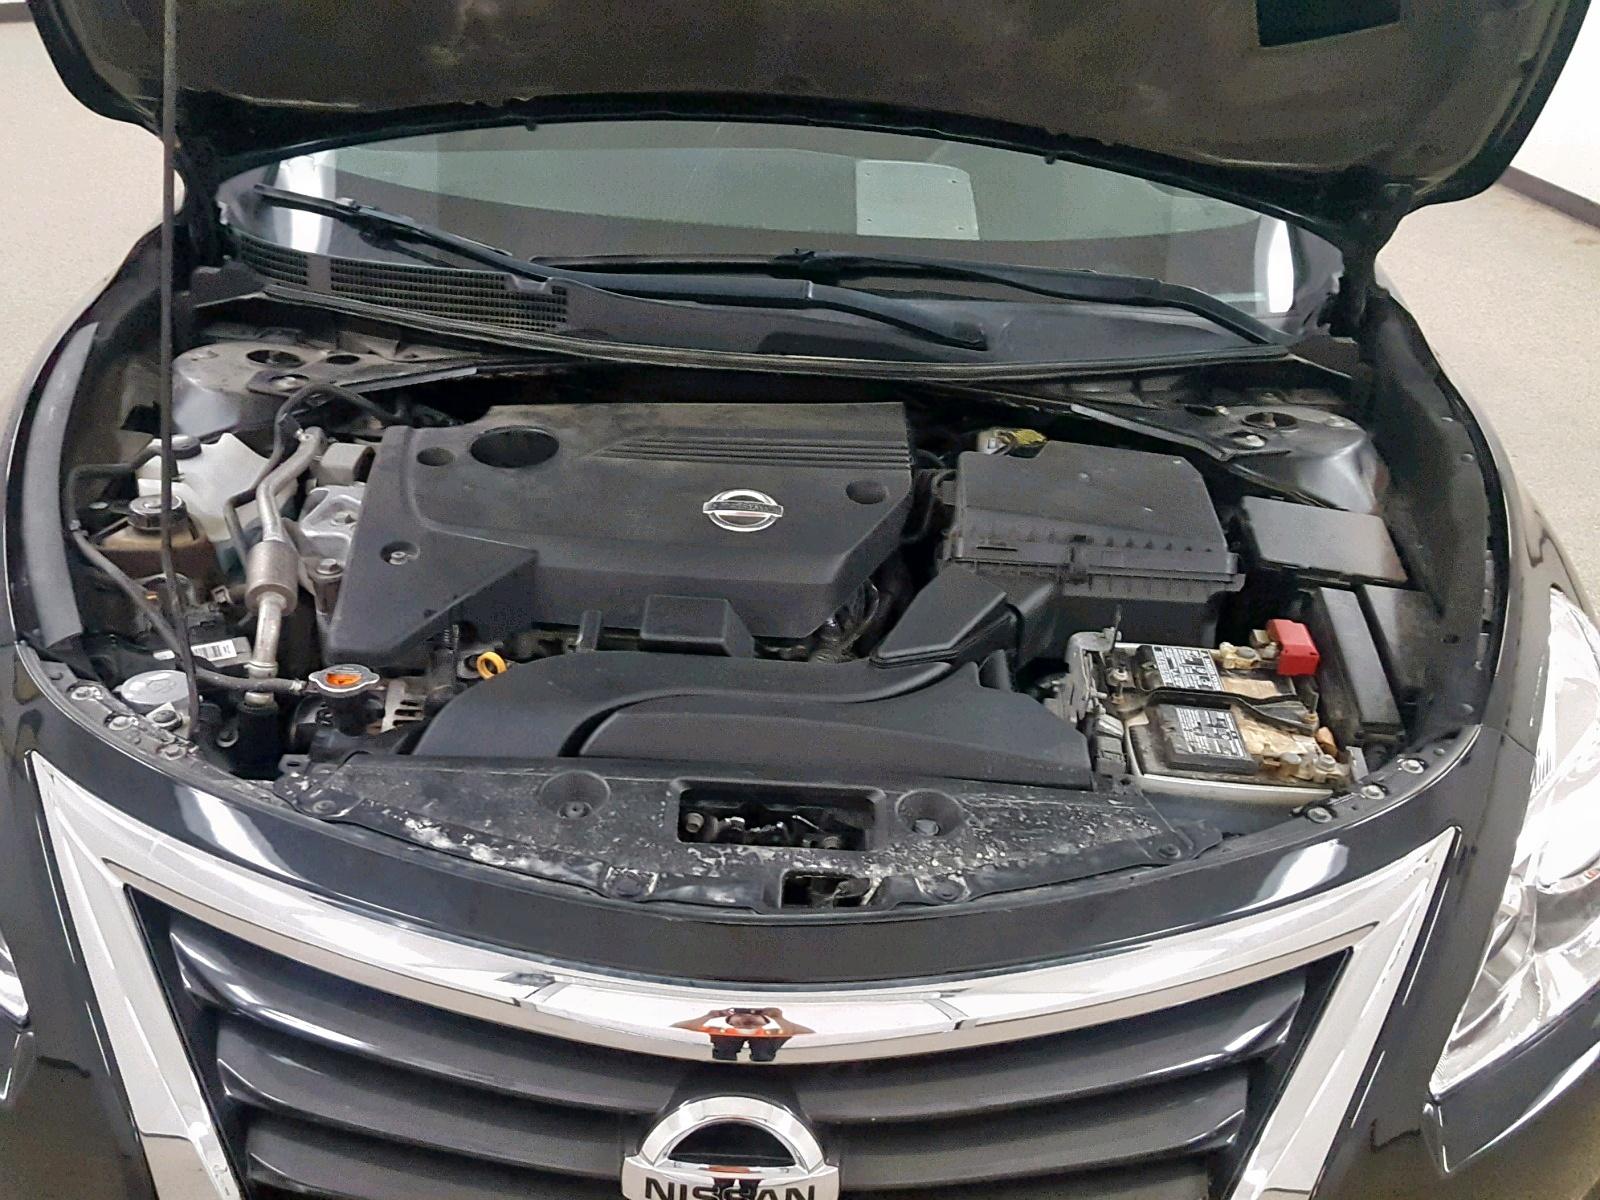 1N4AL3AP7DC286142 - 2013 Nissan Altima 2.5 2.5L inside view